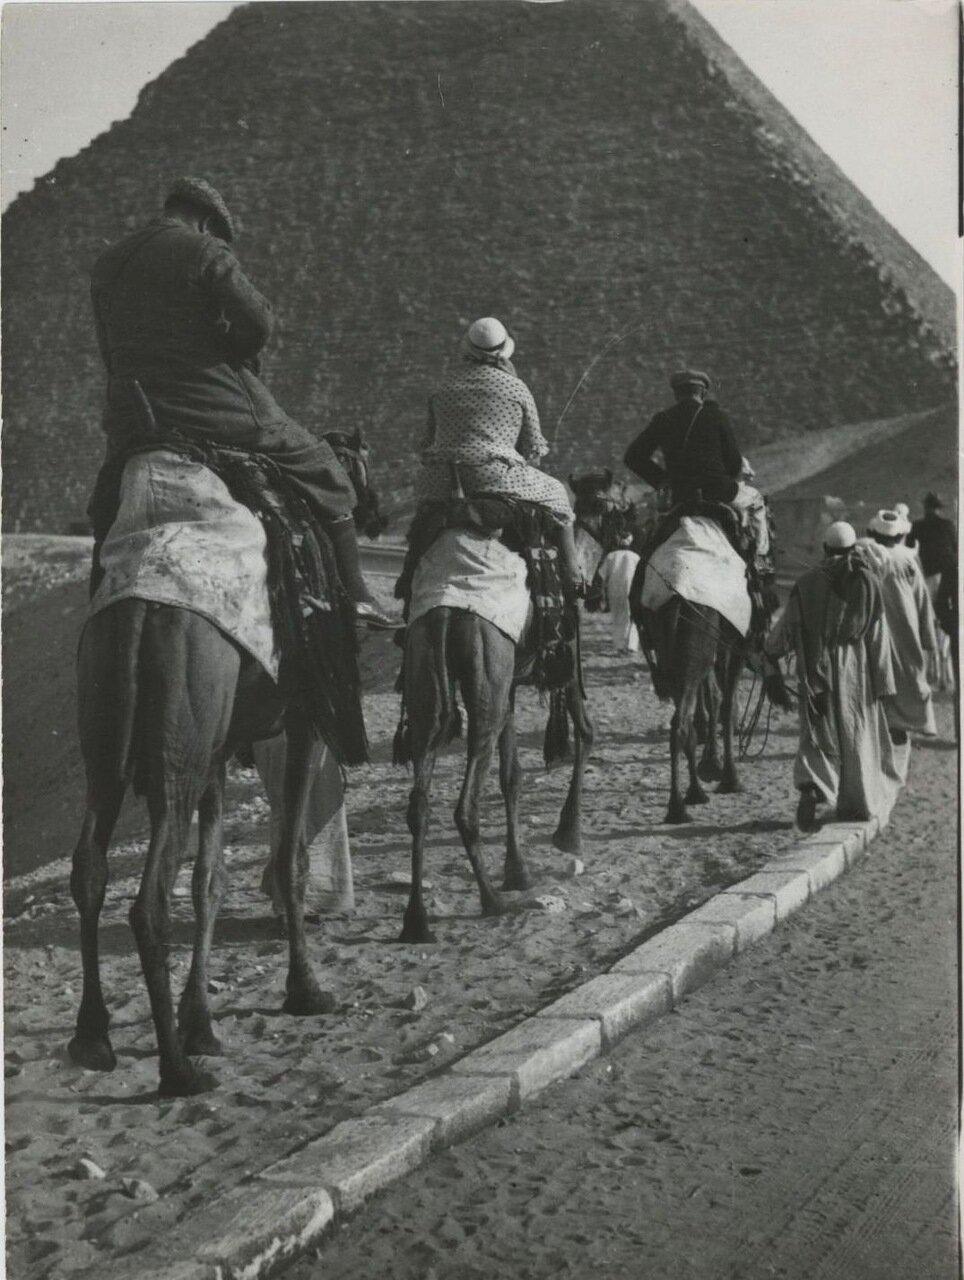 Гиза. Караван путешественников отправляется к пирамидам. 1960